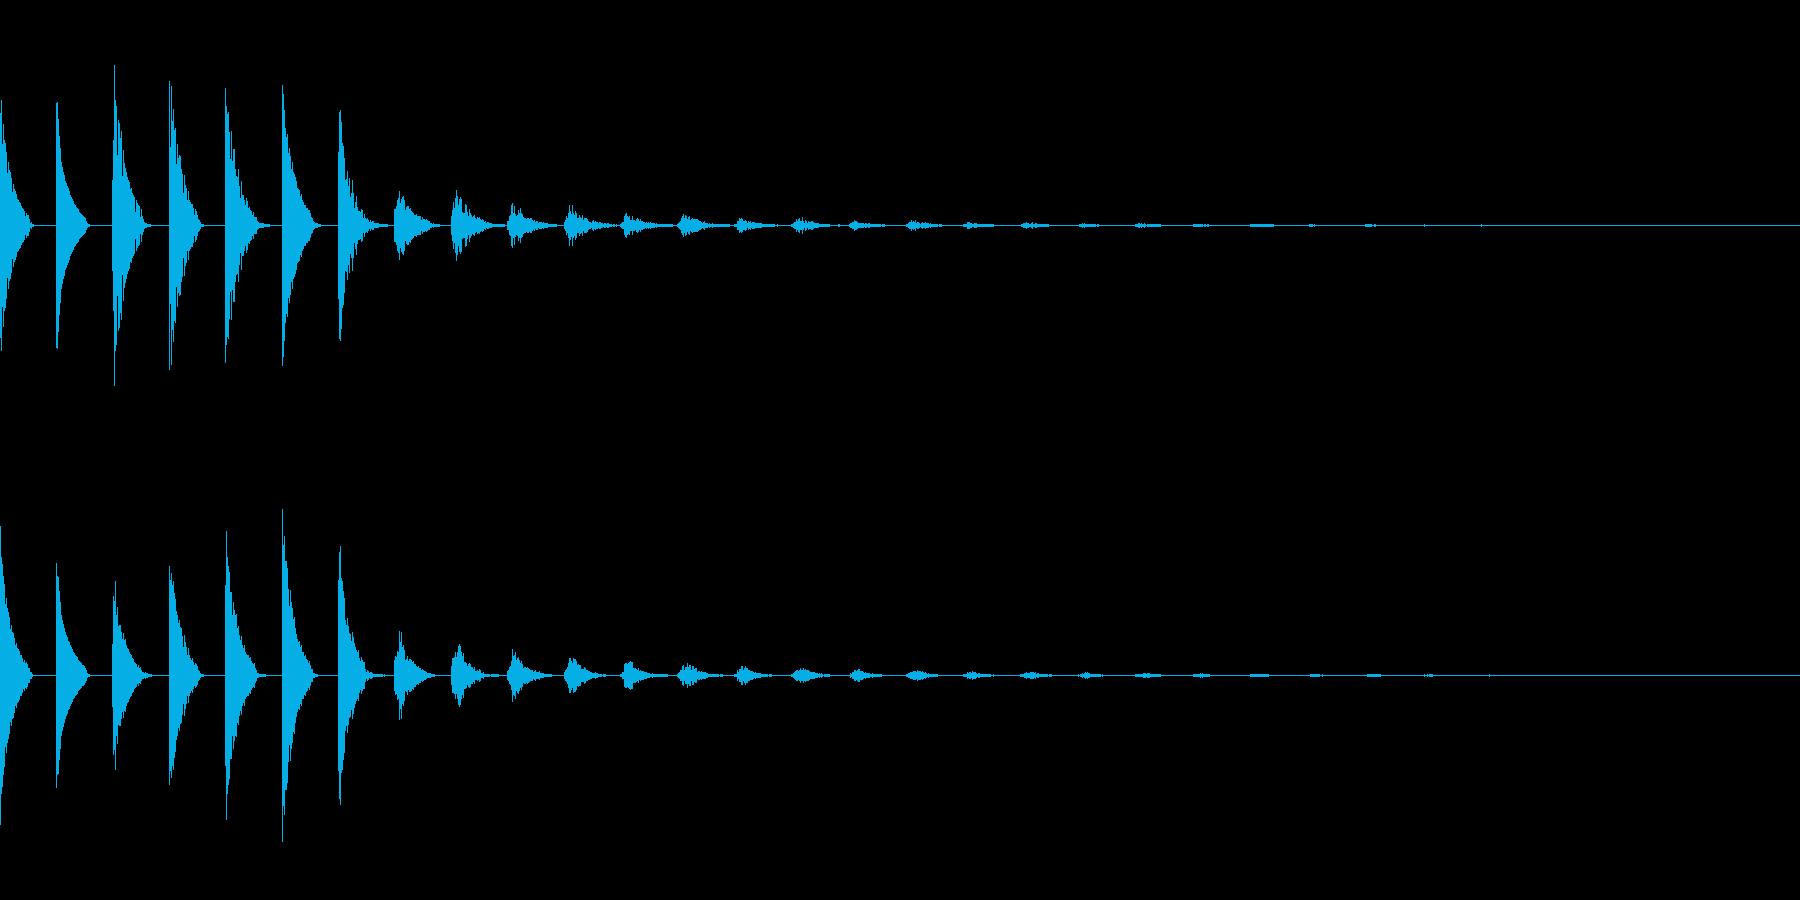 ピコピコSF宇宙なアンビエント/深海の再生済みの波形